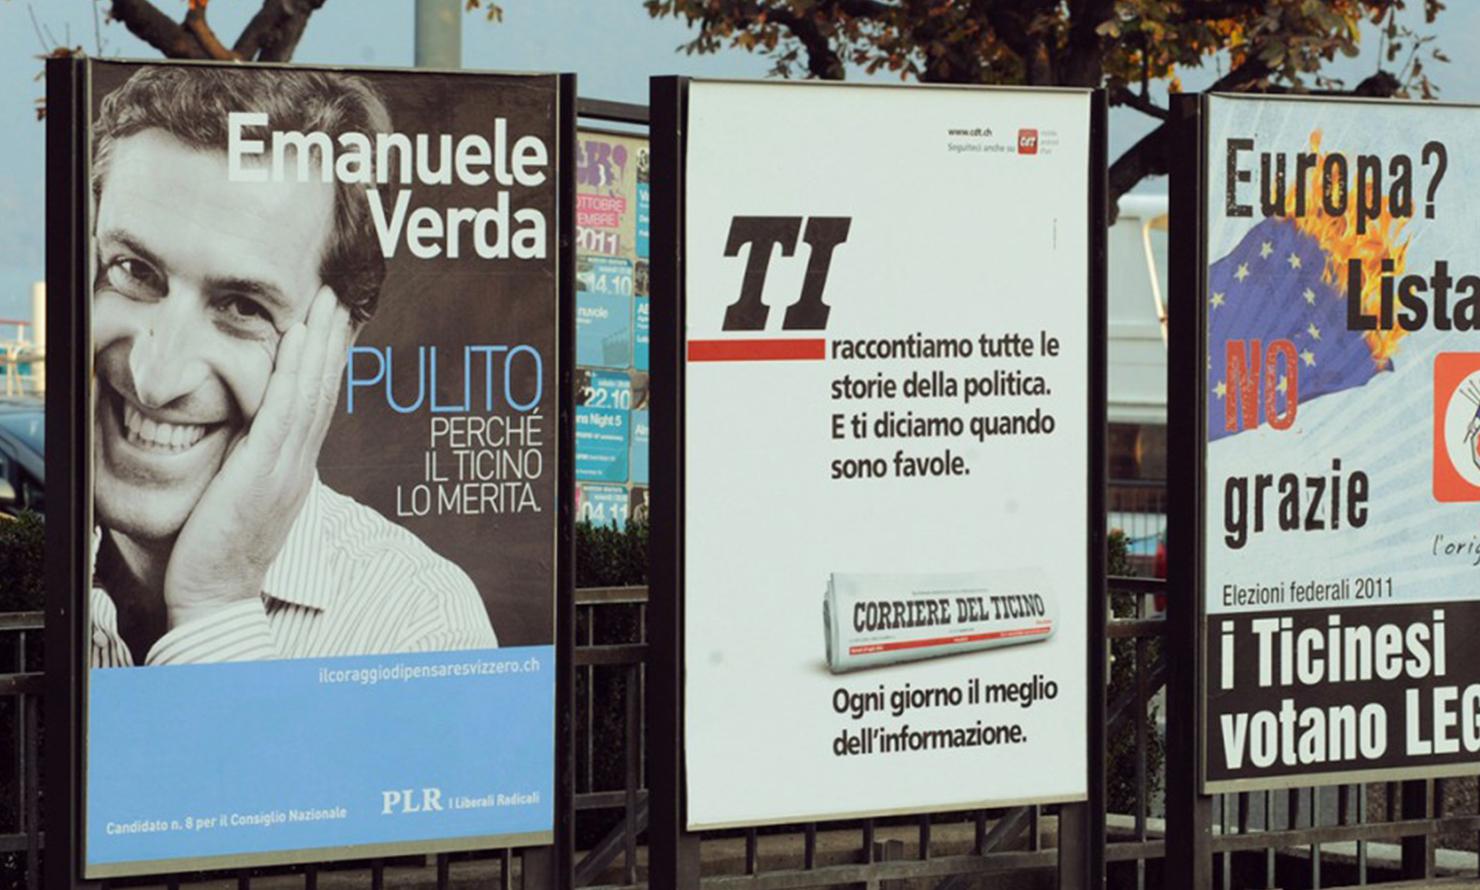 https://www.kubelibre.com/uploads/Slider-work-tutti-clienti/corriere-del-ticino-portiamo-dentro-la-notizia-5.jpg